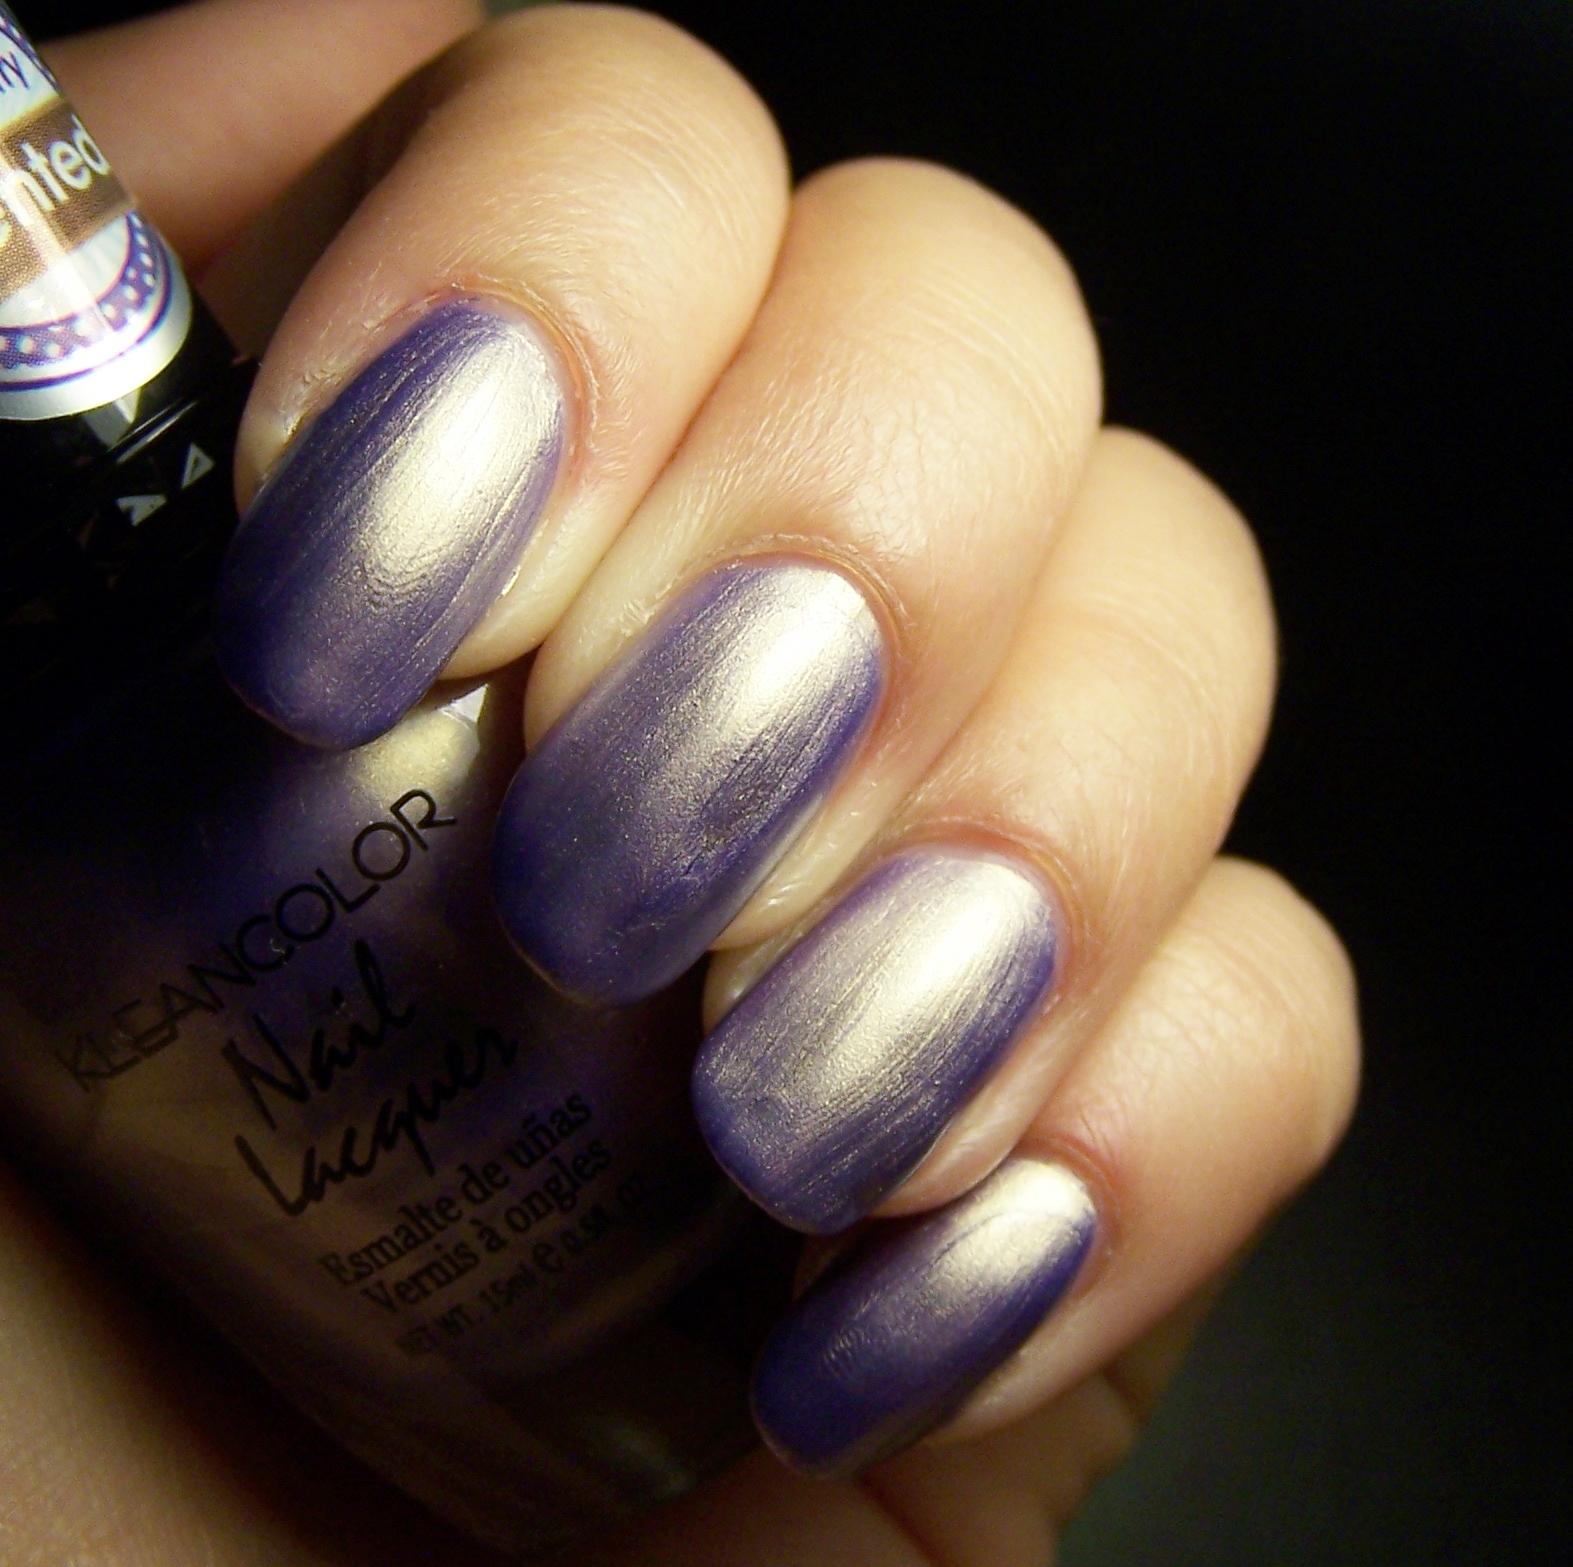 Kleancolor | Mucho esmalte y pocas nueces